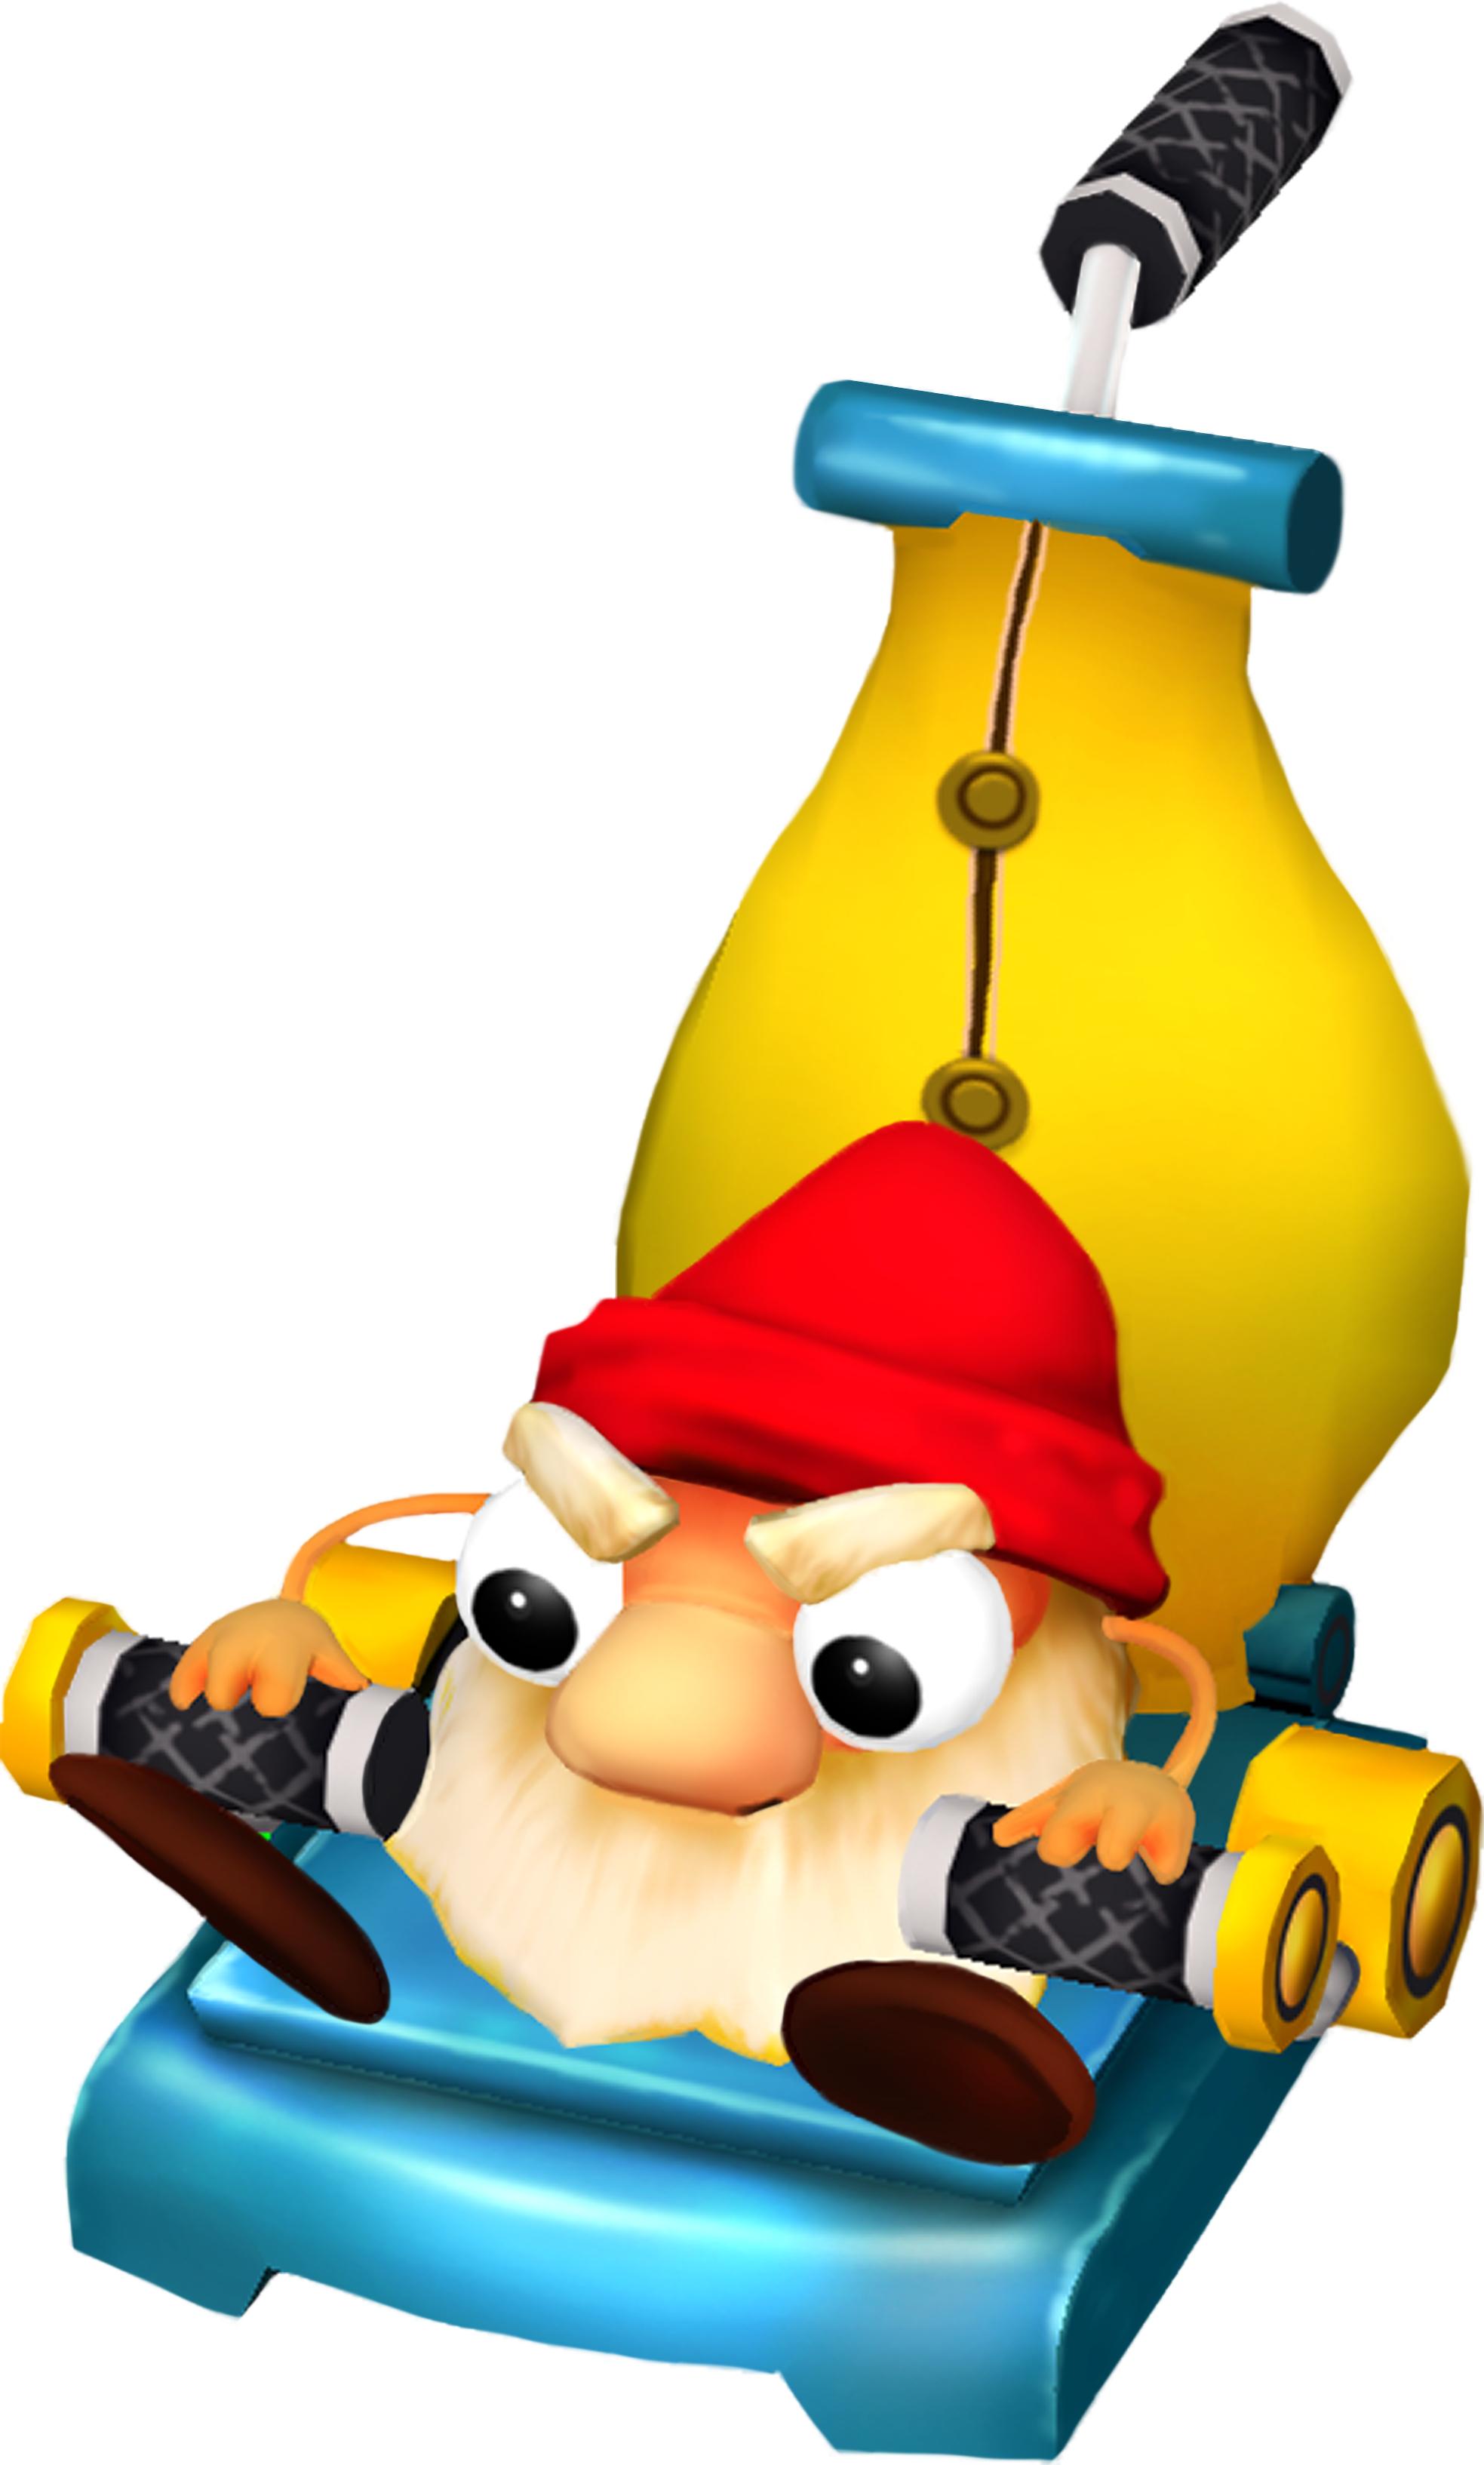 Gnome_Hoover.jpg